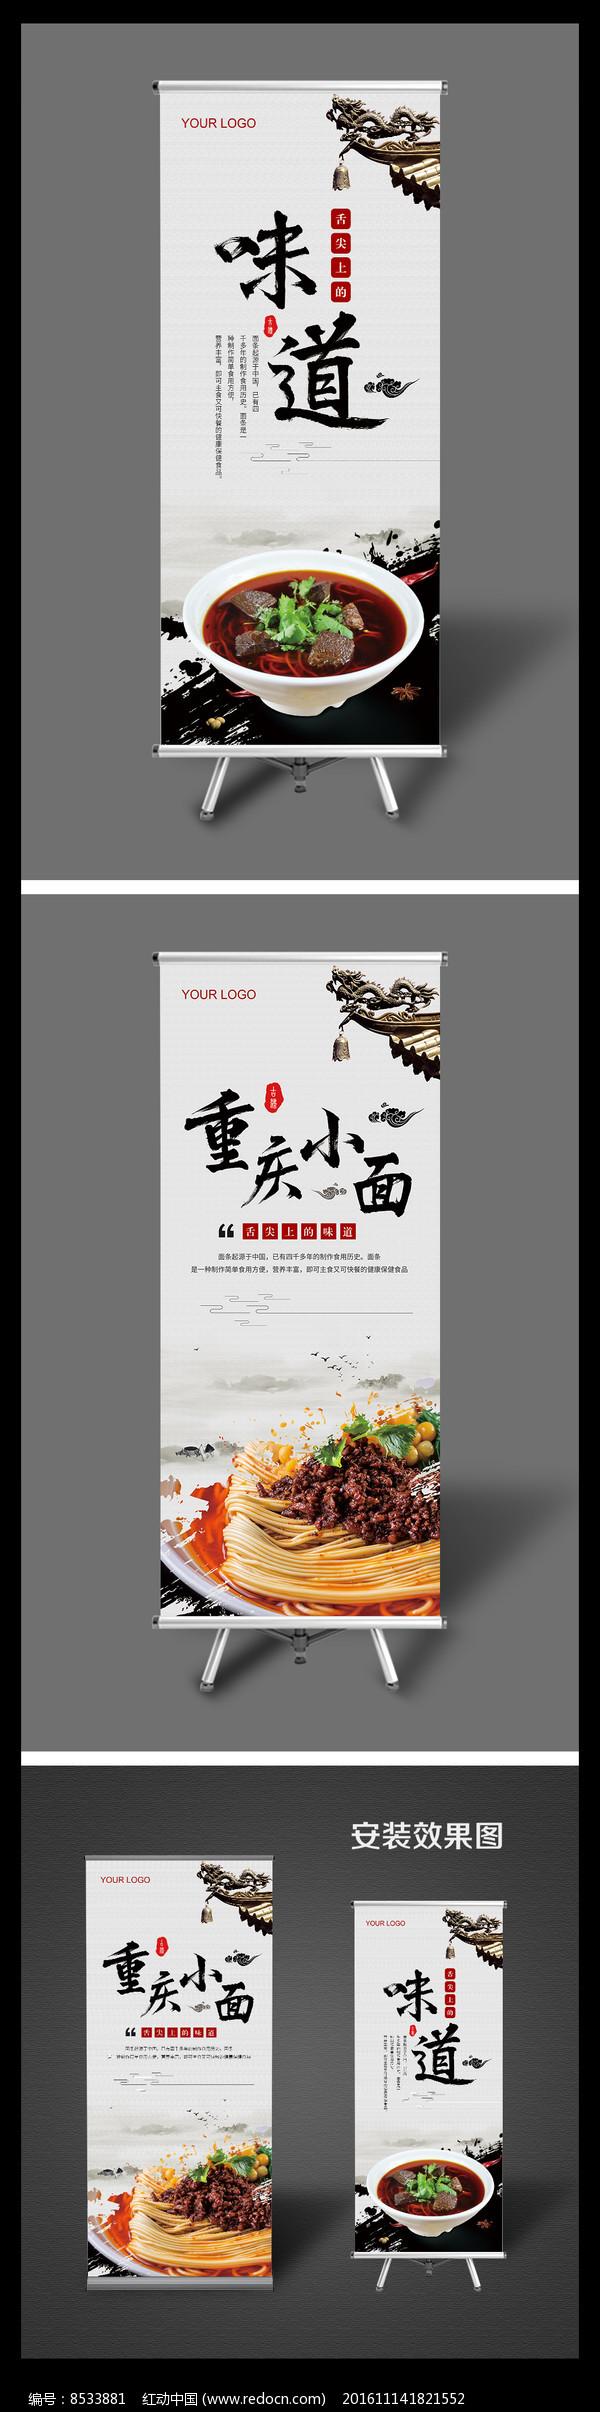 中国风重庆小面x展架设计图片